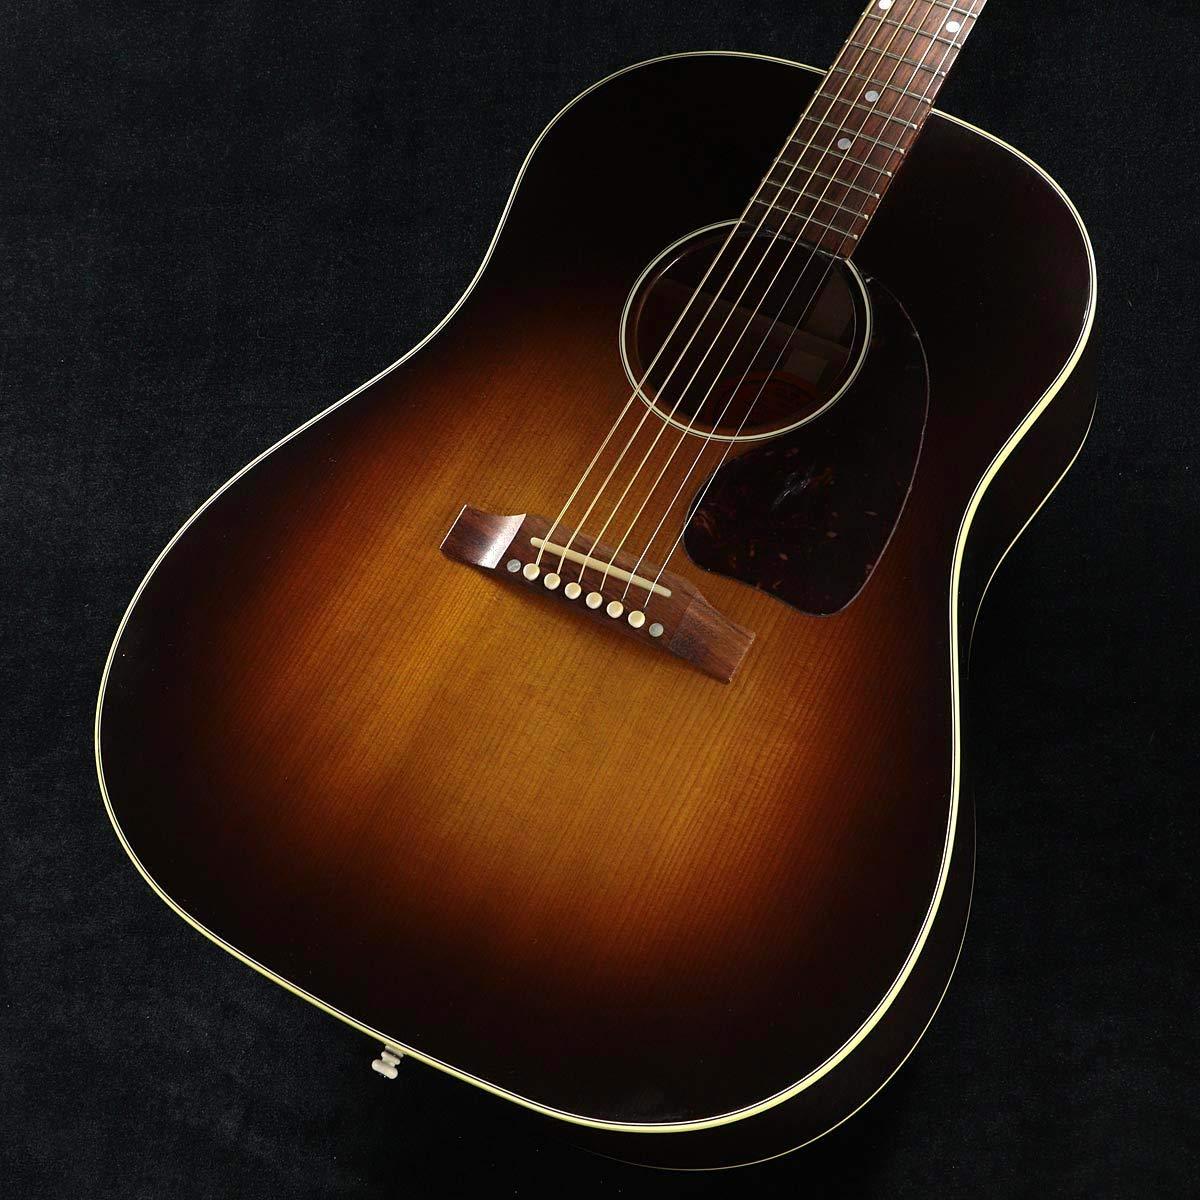 【アウトレット】Gibson/J-45 New Vintage Ultimate VS B07QWG4Q94